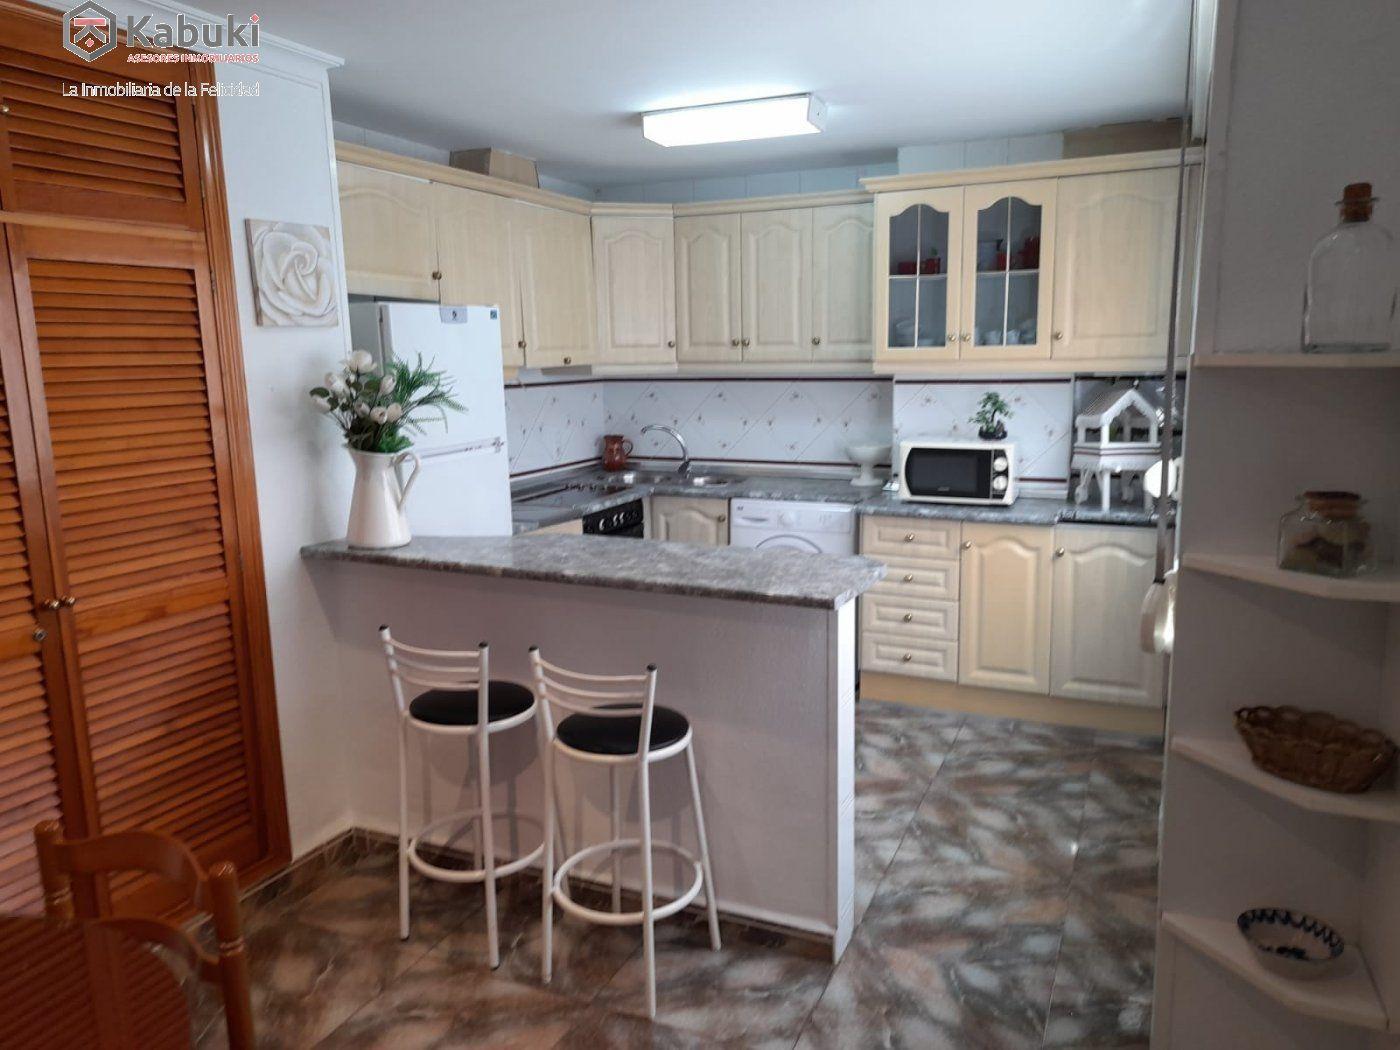 Magnífico inmueble en alquiler en zona hipercor. ideal para familias, luminoso y espacioso - imagenInmueble0